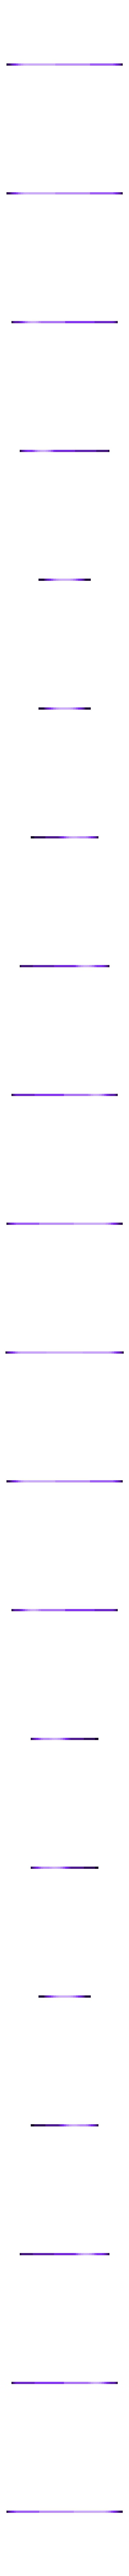 BLTouch_Spacer_.5mm.STL Télécharger fichier STL gratuit Un support d'extrudeuse Stock-ish pour Anet A8 et Alike ! (Inclut la chaîne et la monture ou sans chaîne !) • Objet pour impression 3D, MorganLowe